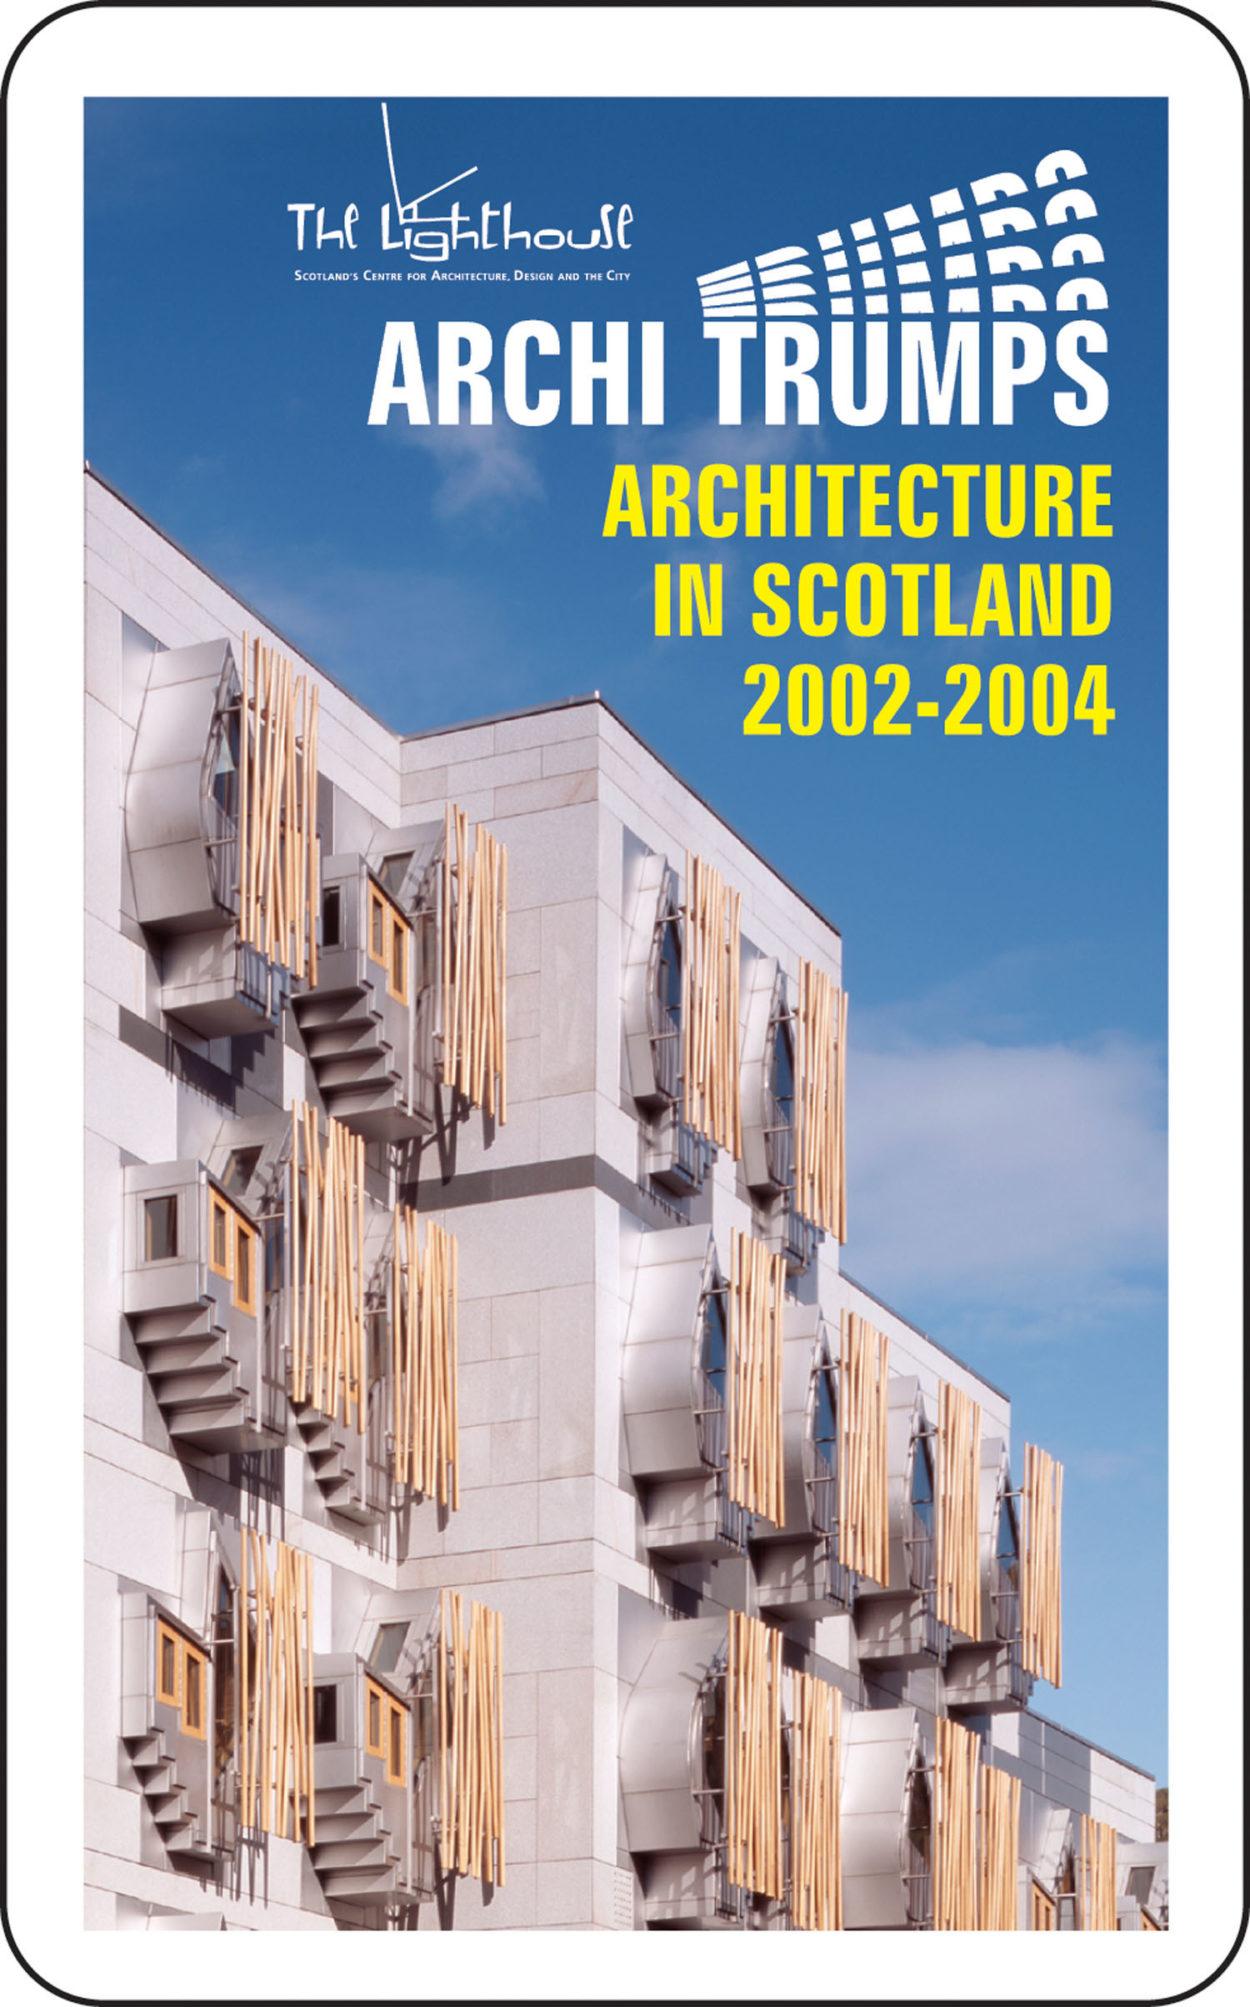 Architecture in Scotland